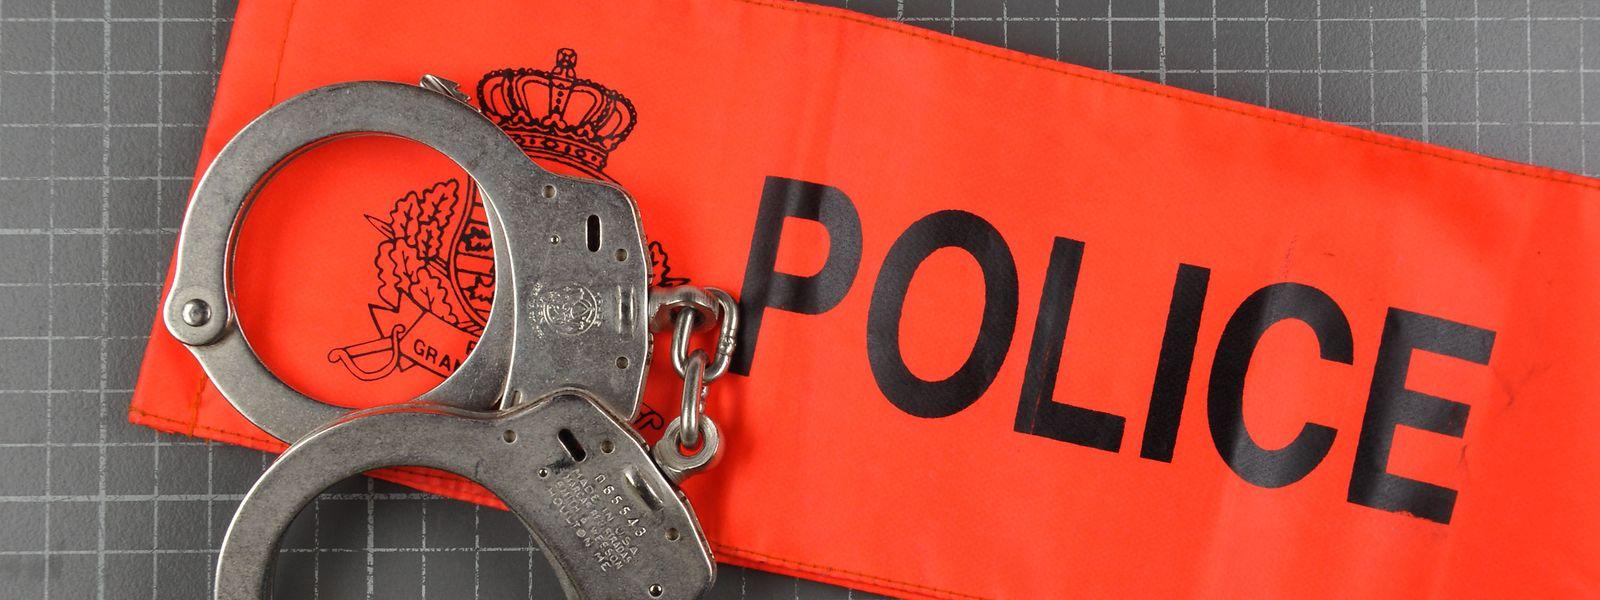 Der jahrelange Betrug kommt ans Licht, als in den Büros der Kriminalpolizei ein Geldumschlag mit 600 Euro verschwindet.